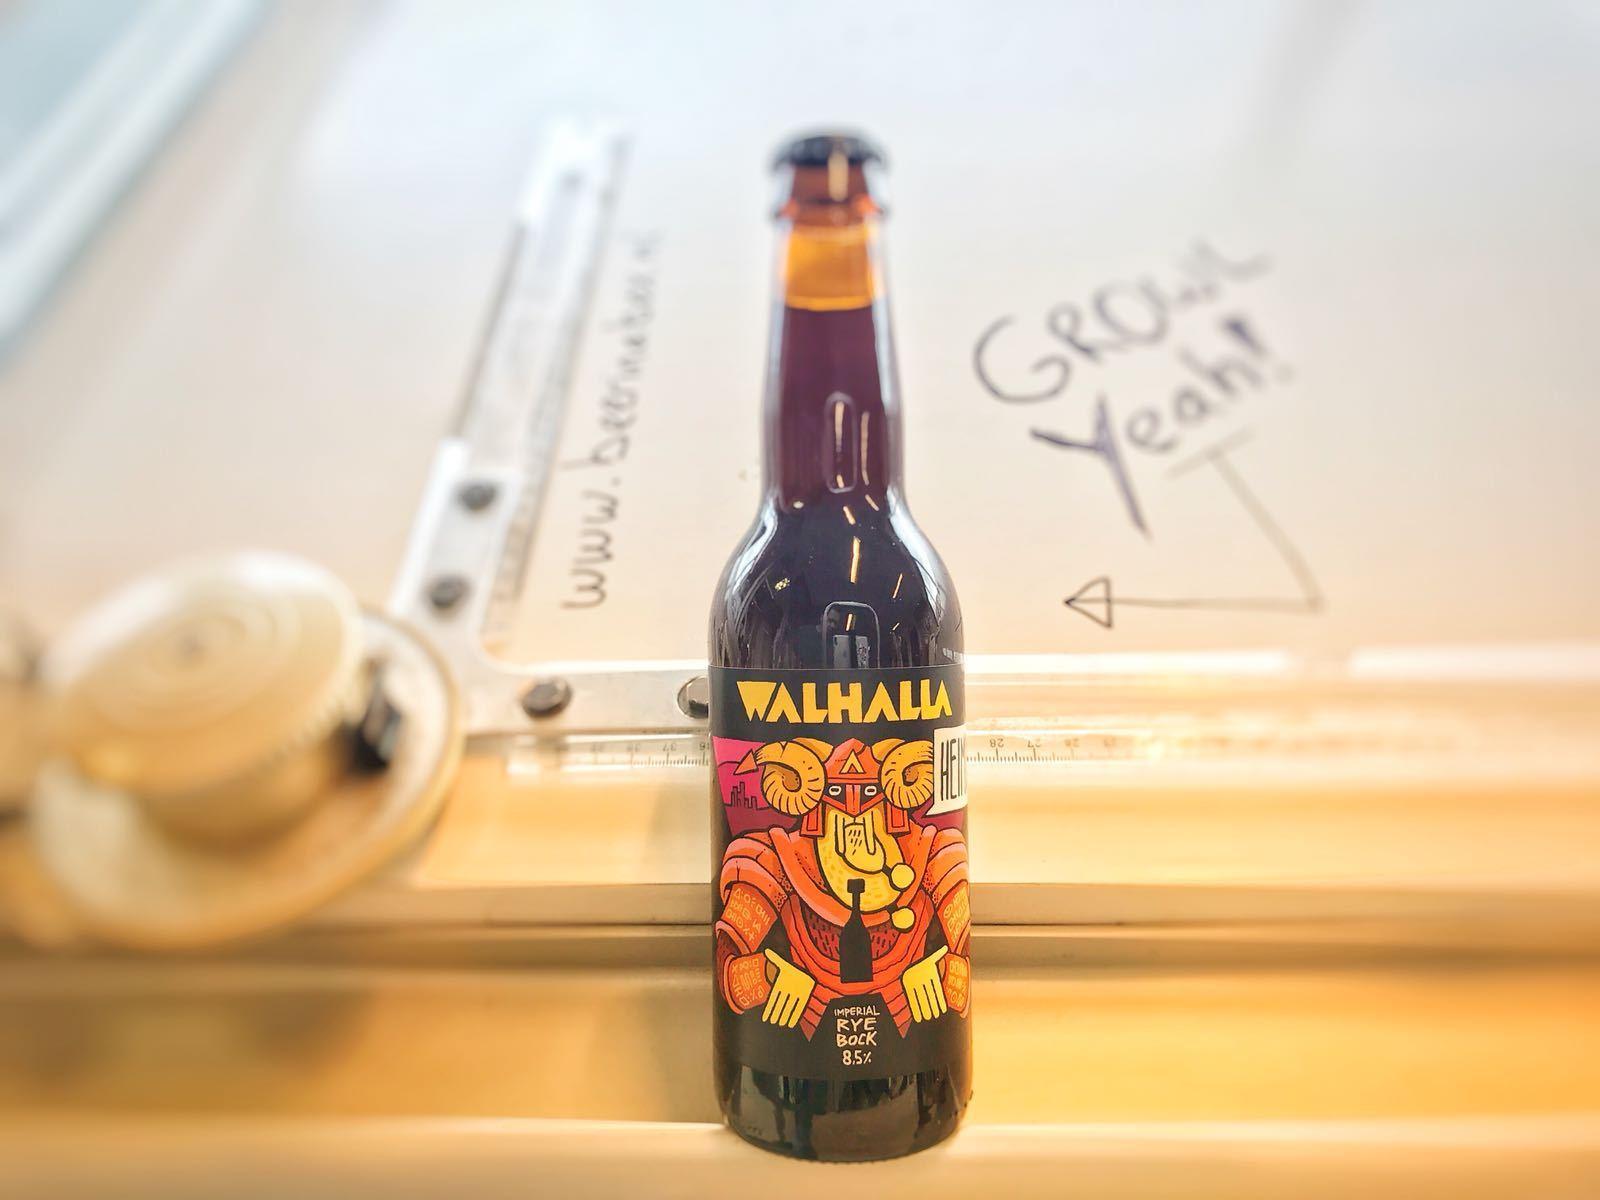 Heimdall Imperial Rye Bock van Walhalla Craft Beer